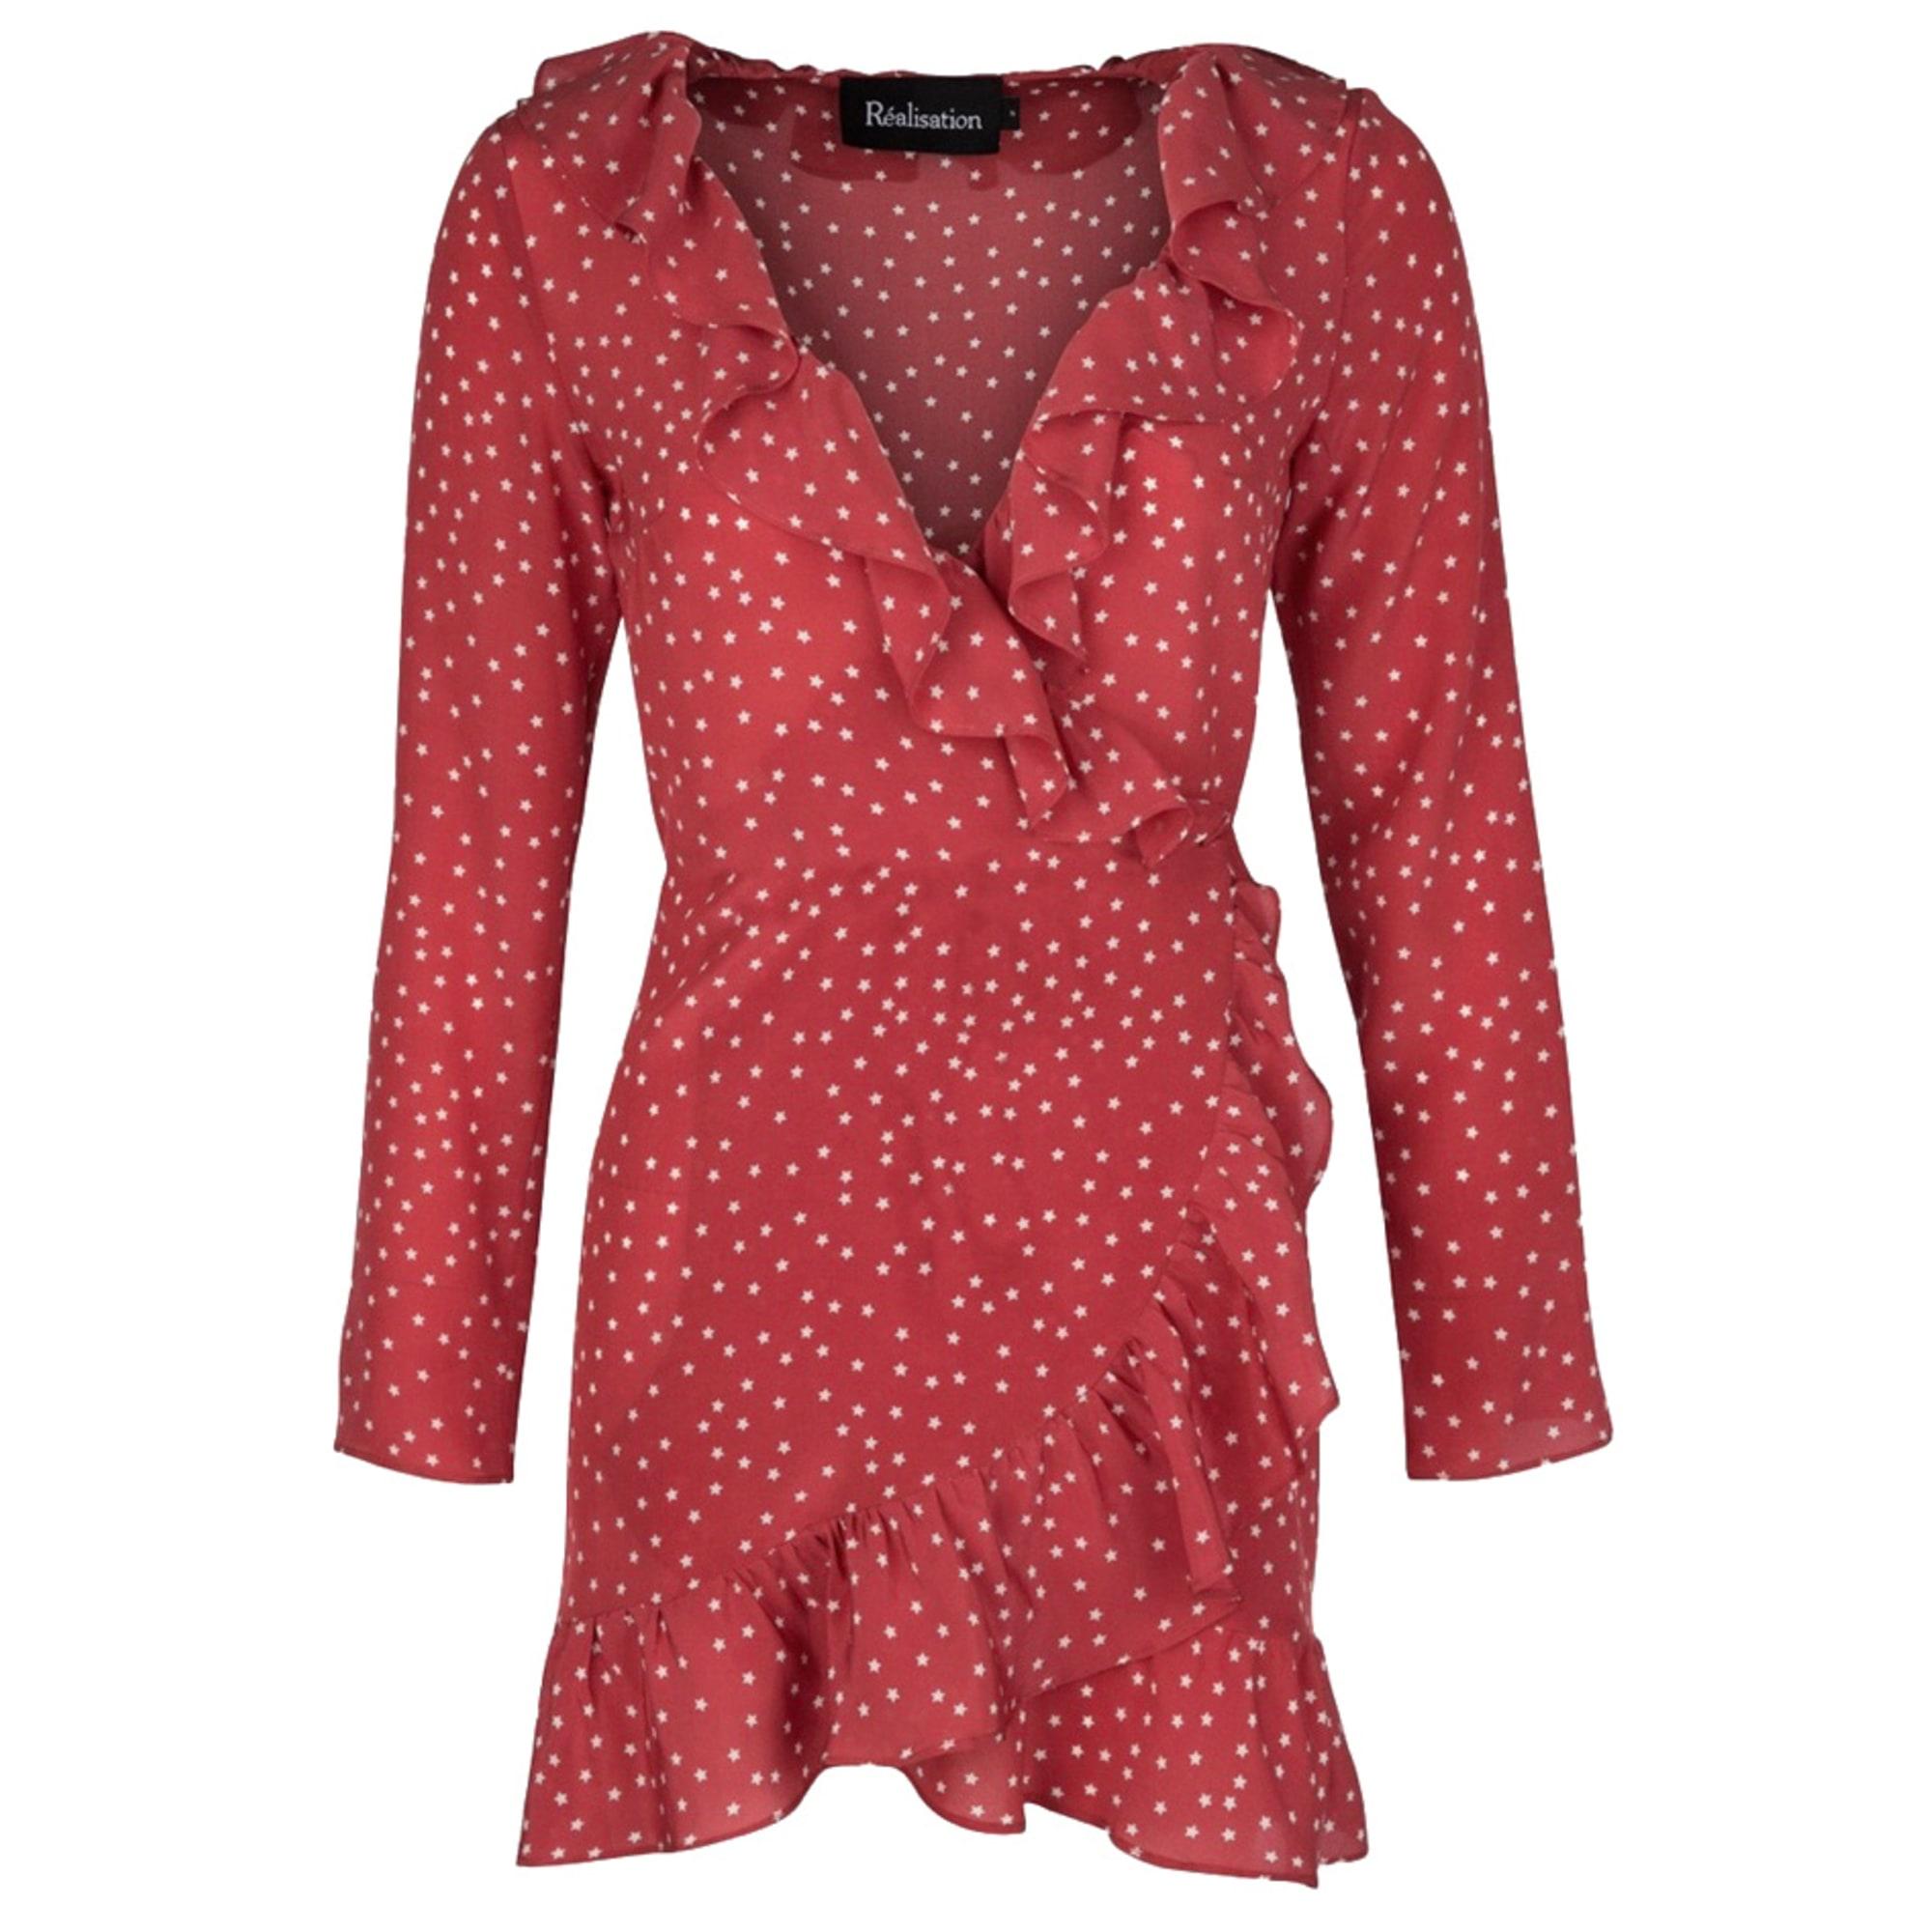 Robe courte RÉALISATION PAR Rouge, bordeaux